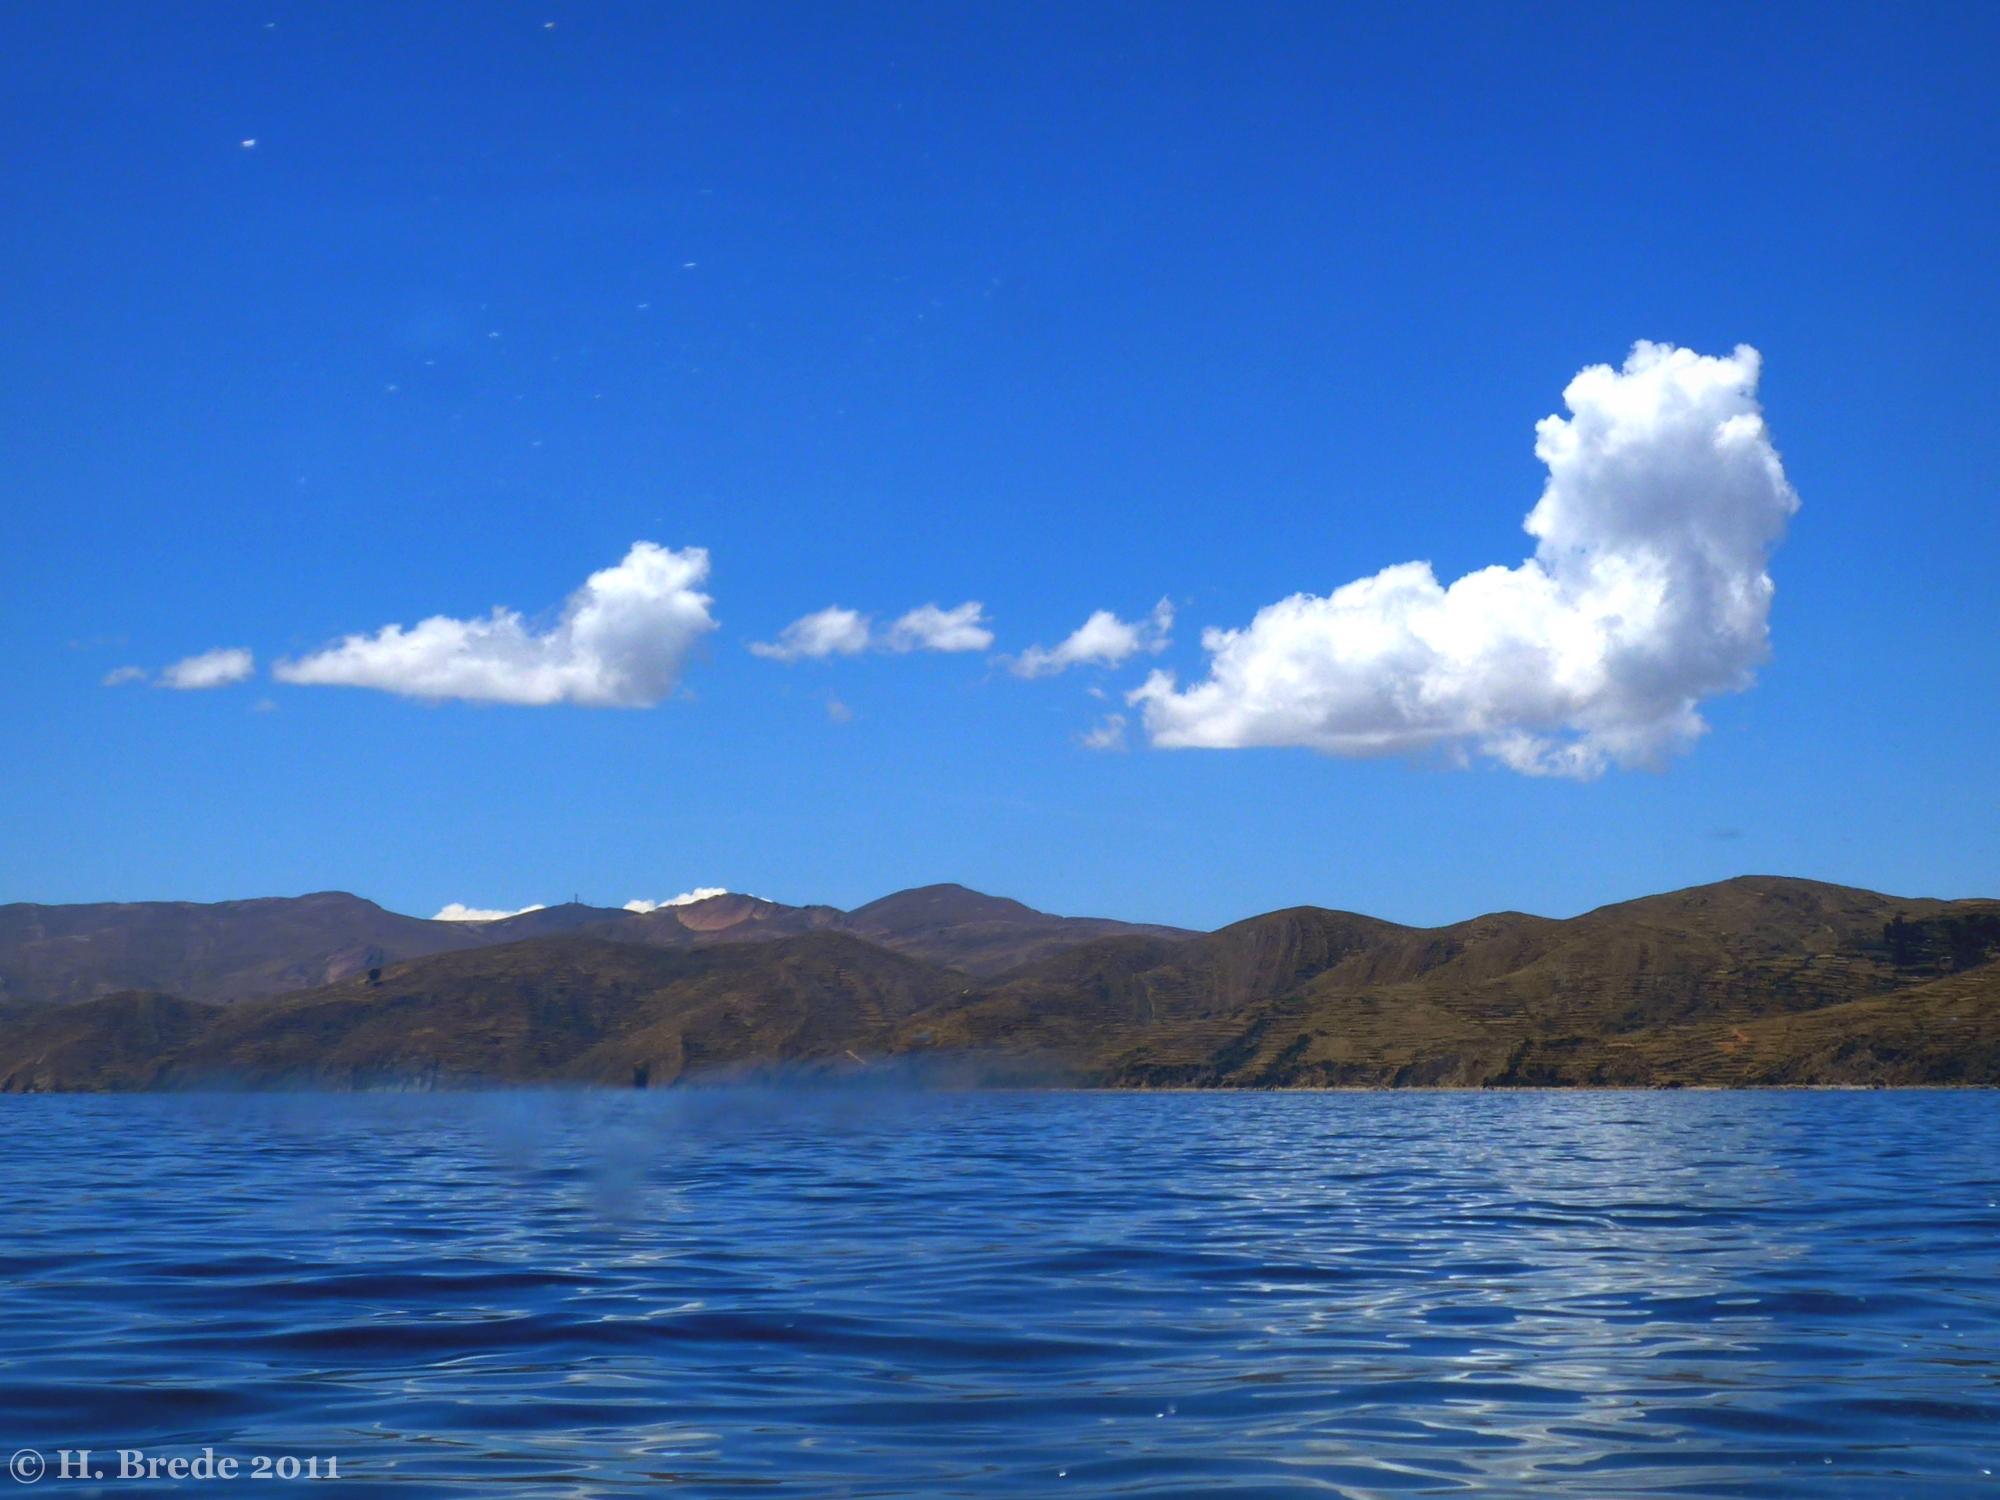 Clouds on Lake Titicaca, Peru